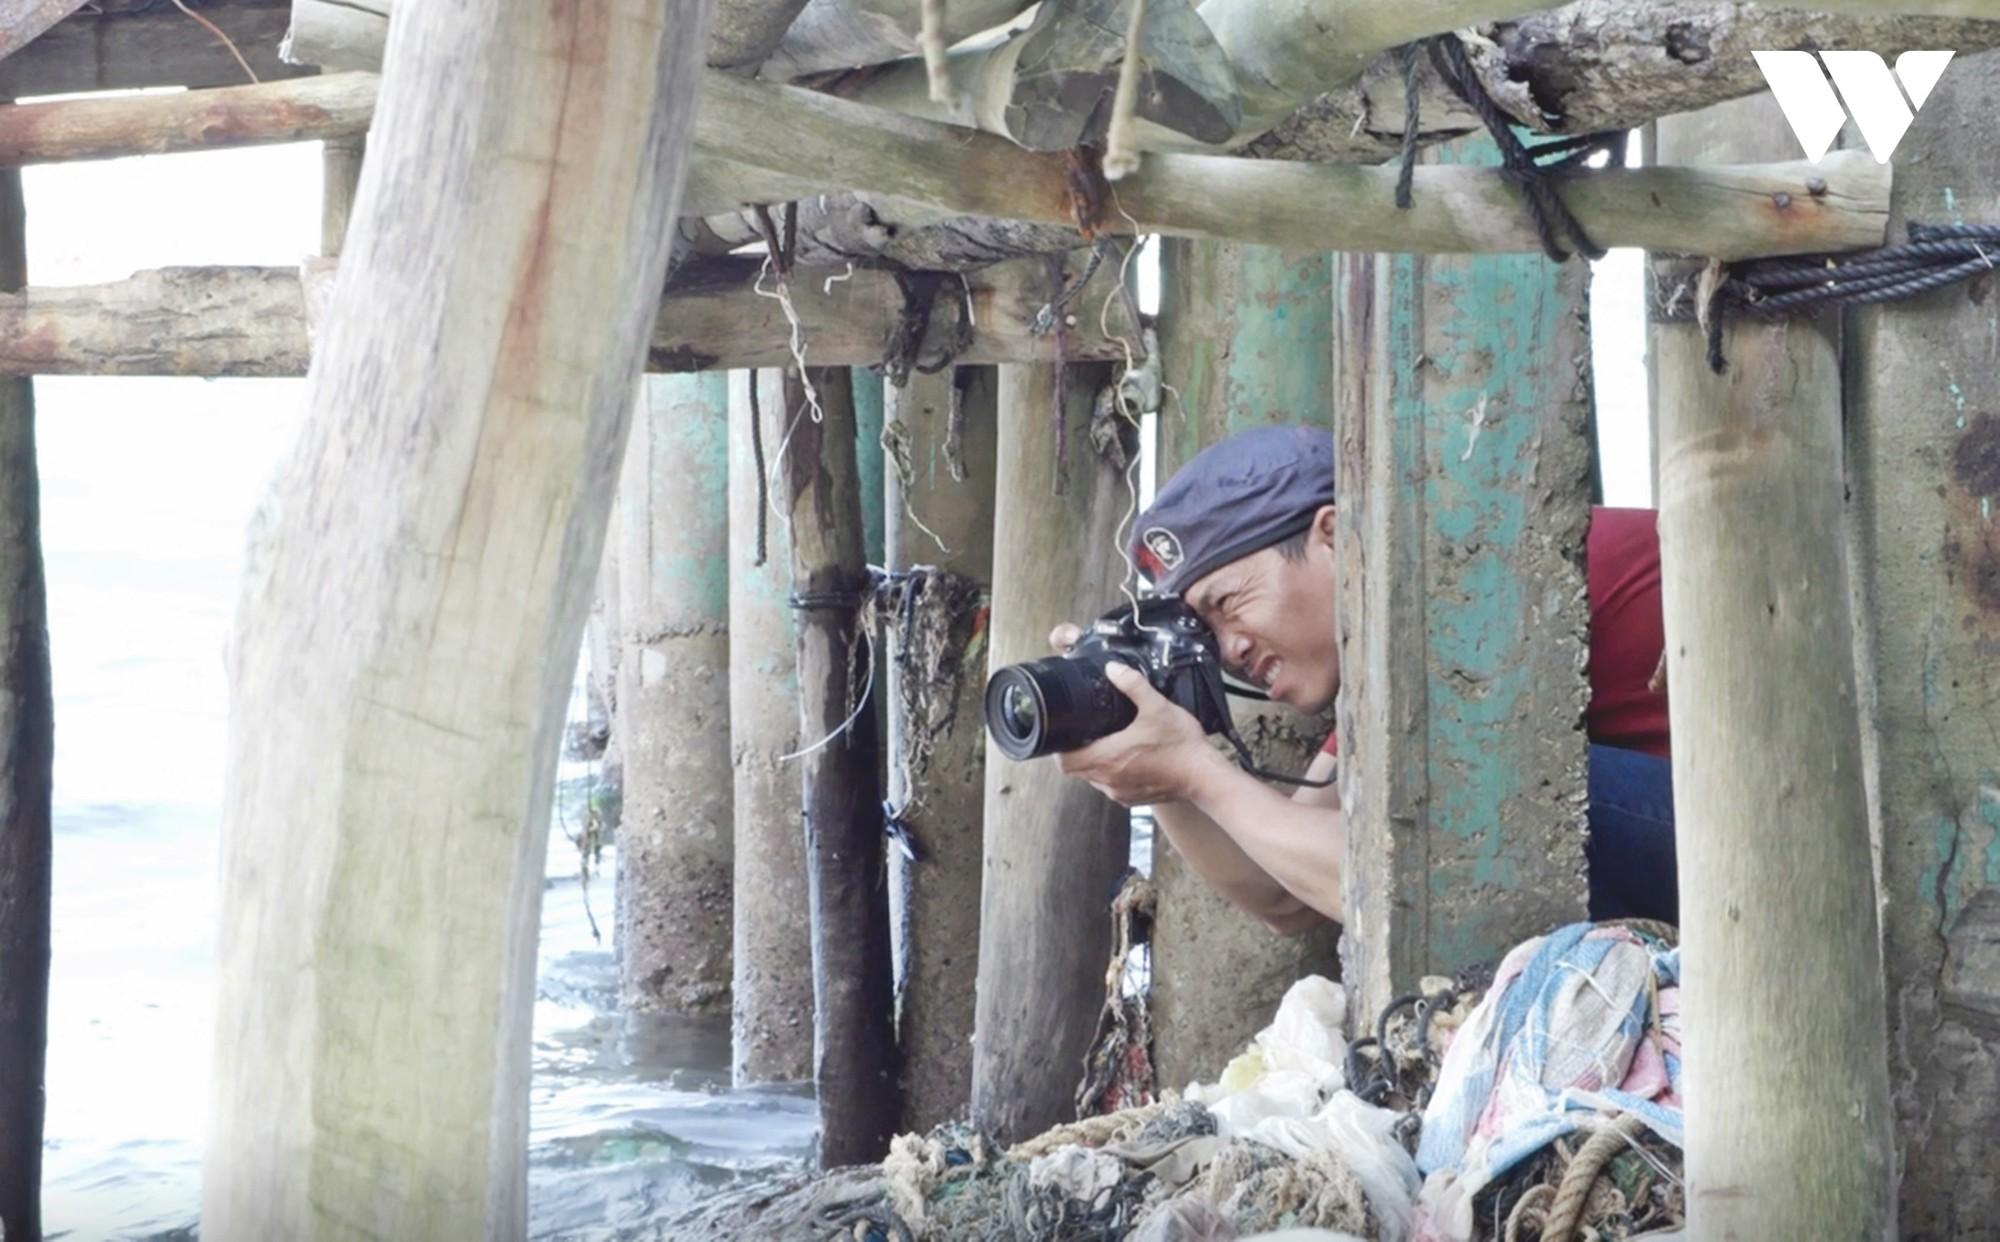 Hành trình hơn 3000km bờ biển của nhiếp ảnh gia săn rác Lekima Hùng và câu chuyện nơi hòn đảo người dân chỉ vứt rác xuống biển - Ảnh 3.